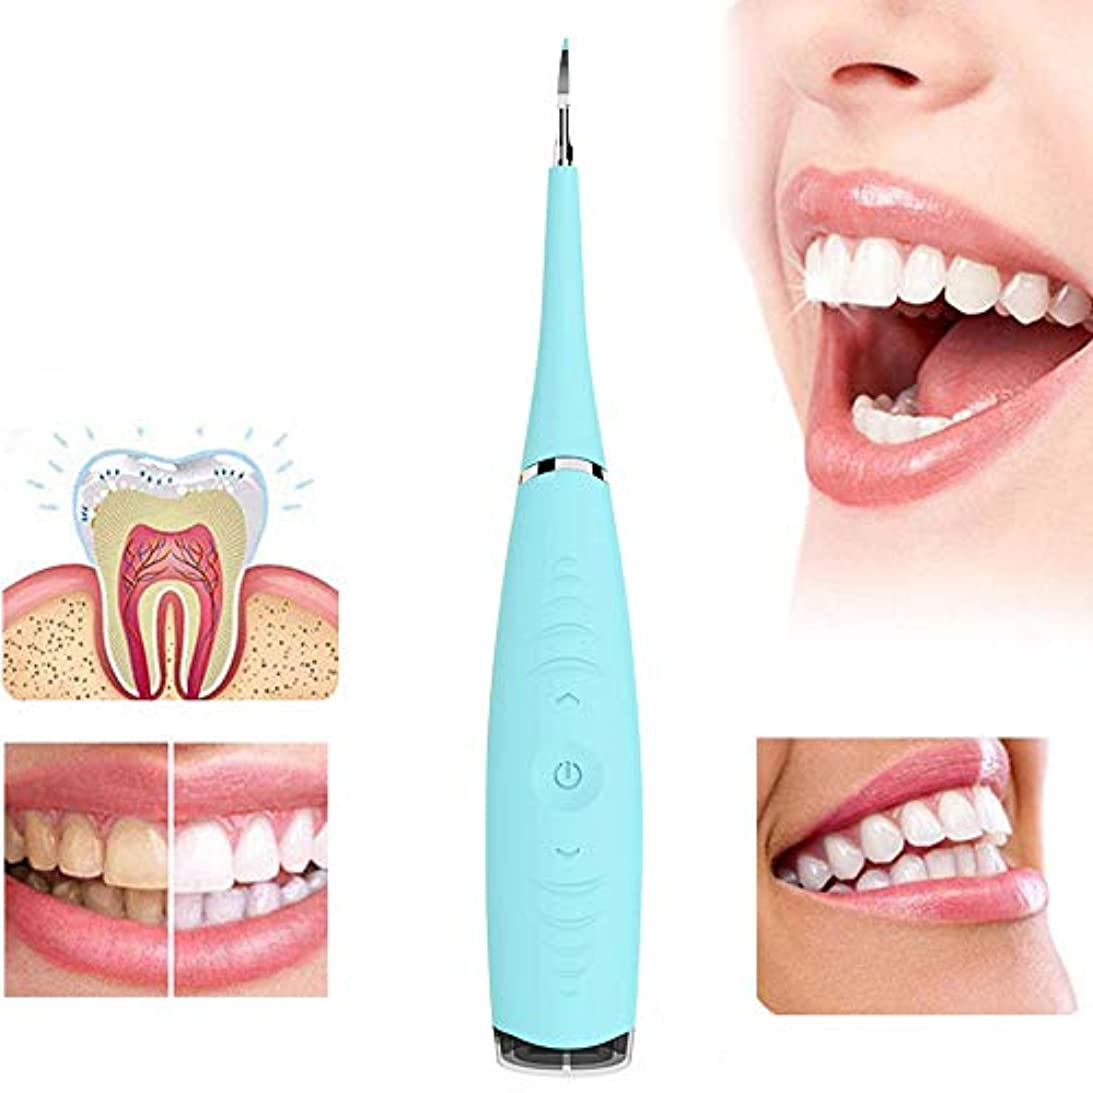 チロ鷲否認する歯をホワイトニング電動歯石除去ツール防水ステンレス鋼歯石スクレーパー歯のクリーニング消しゴム